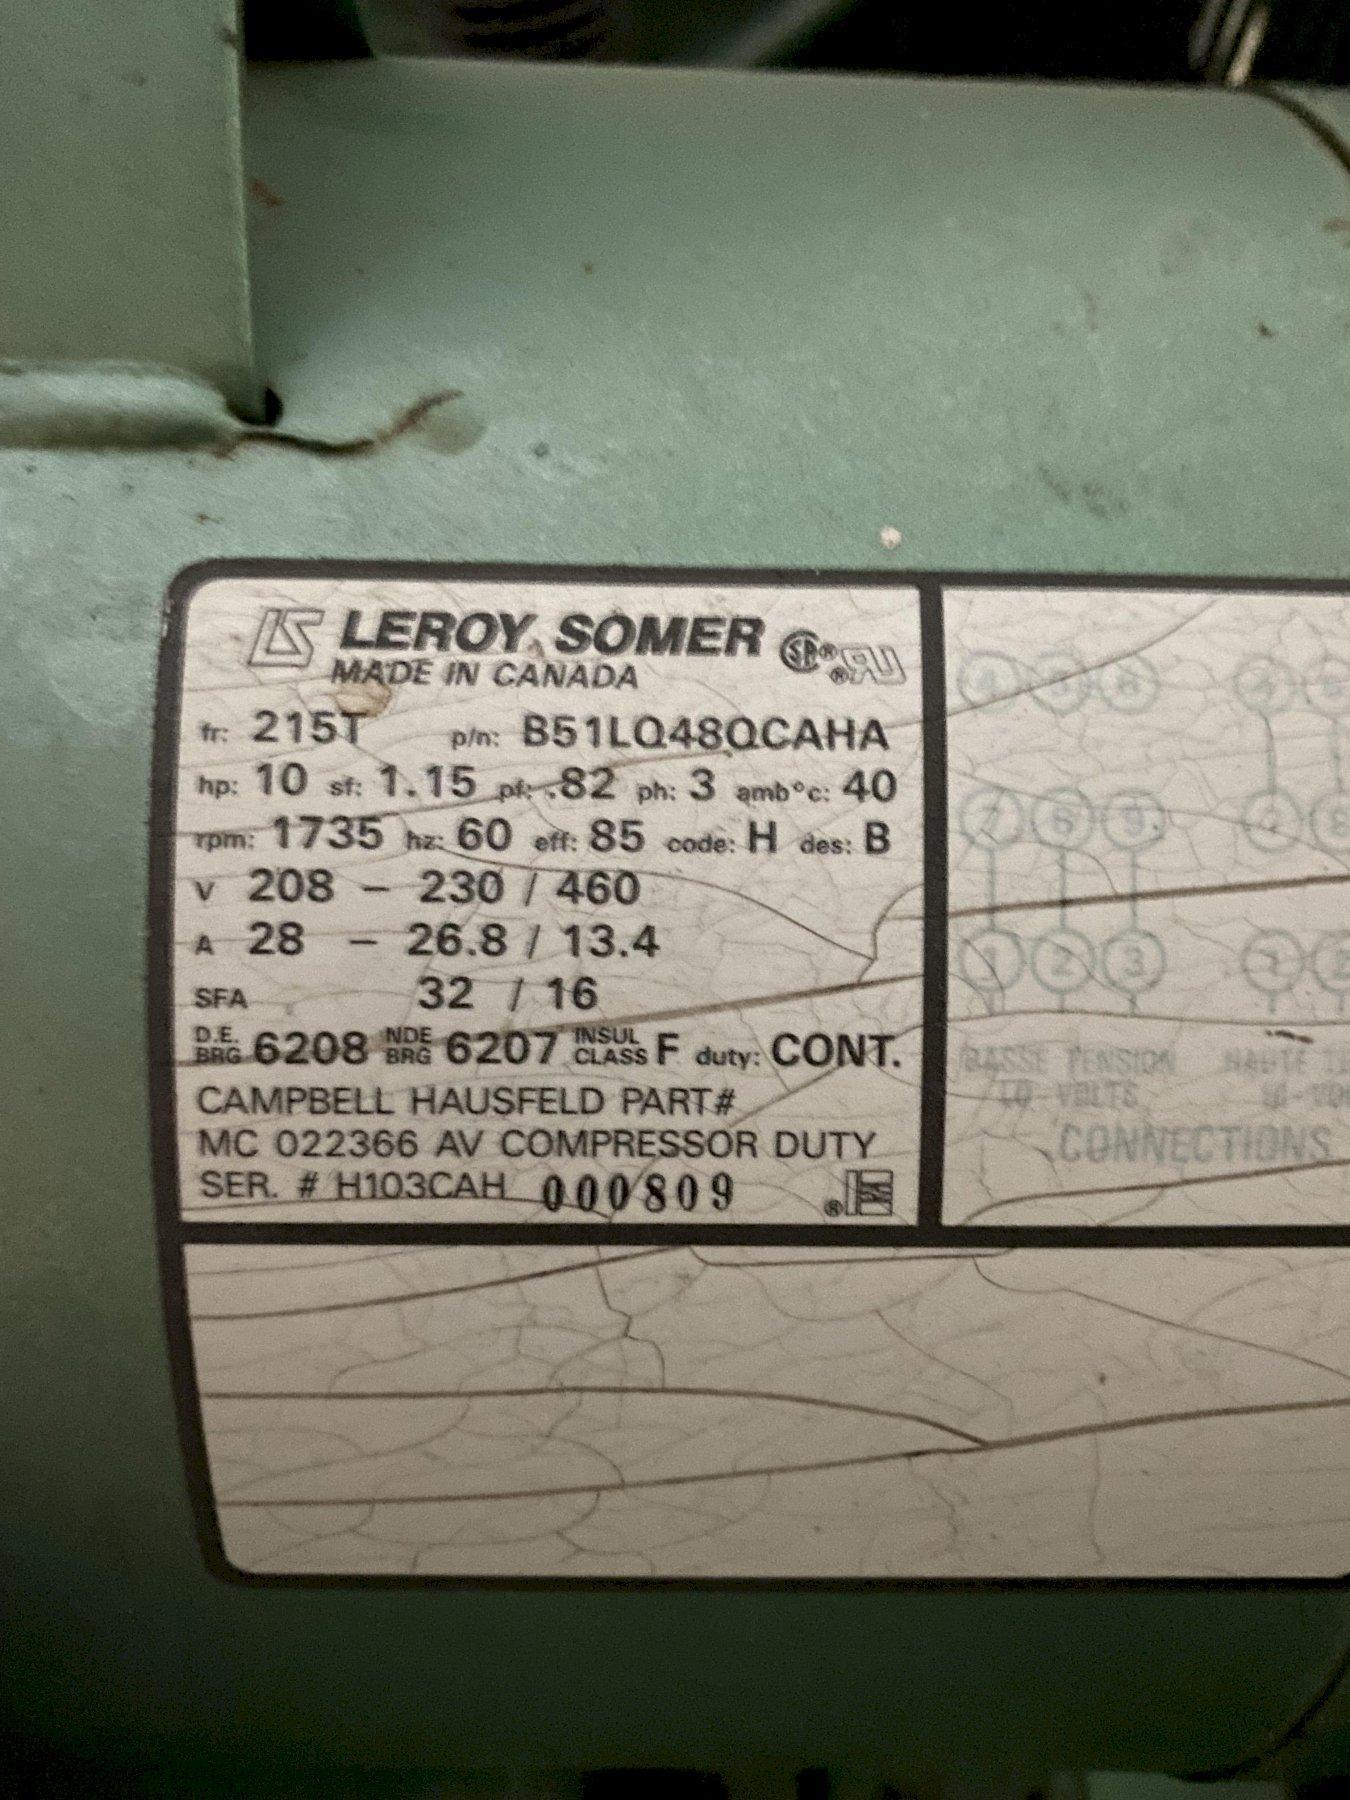 1 - PREOWNED SPEEDAIRE AIR COMPRESSOR, MODEL #: 5Z402A